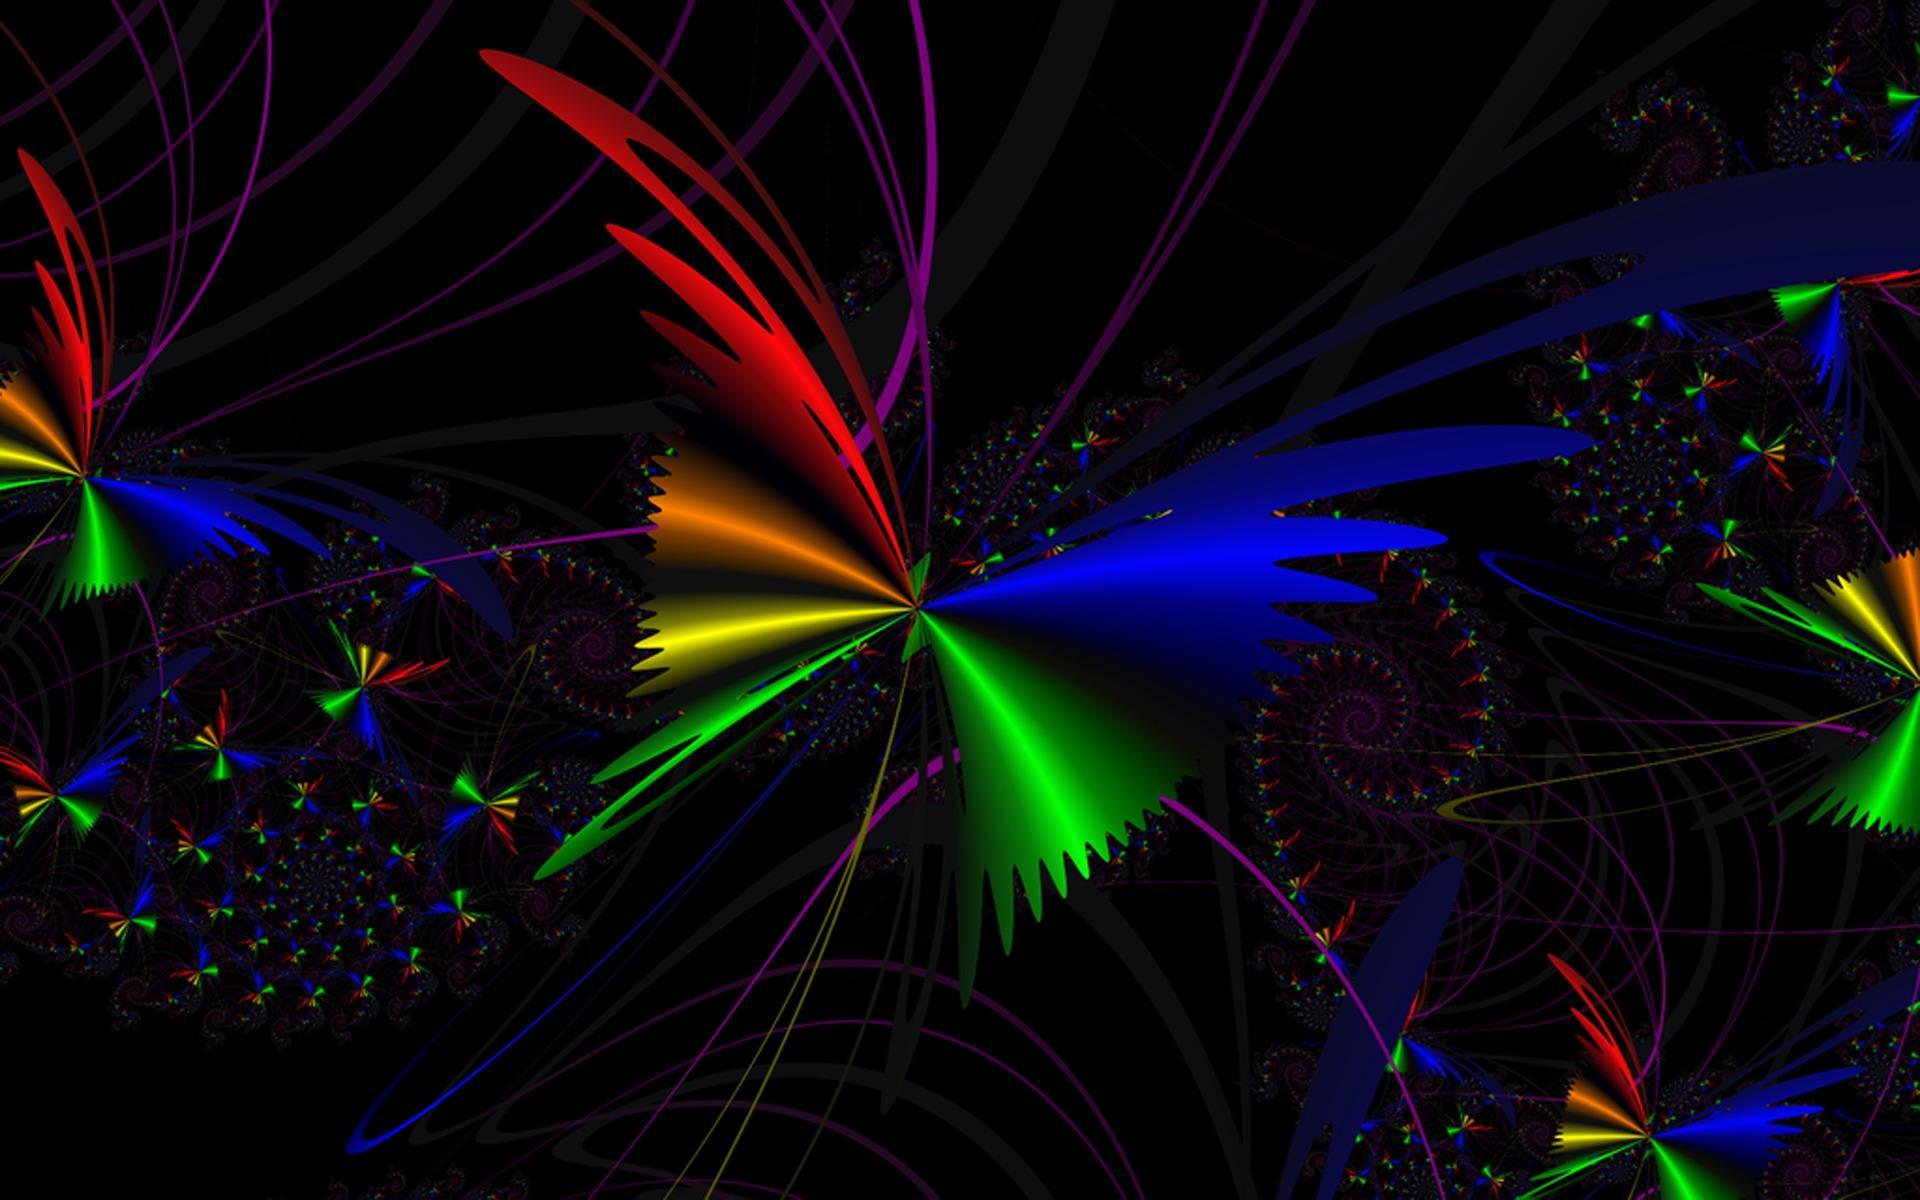 Abstract Butterfly Desktop Wallpaper - WallpaperSafari